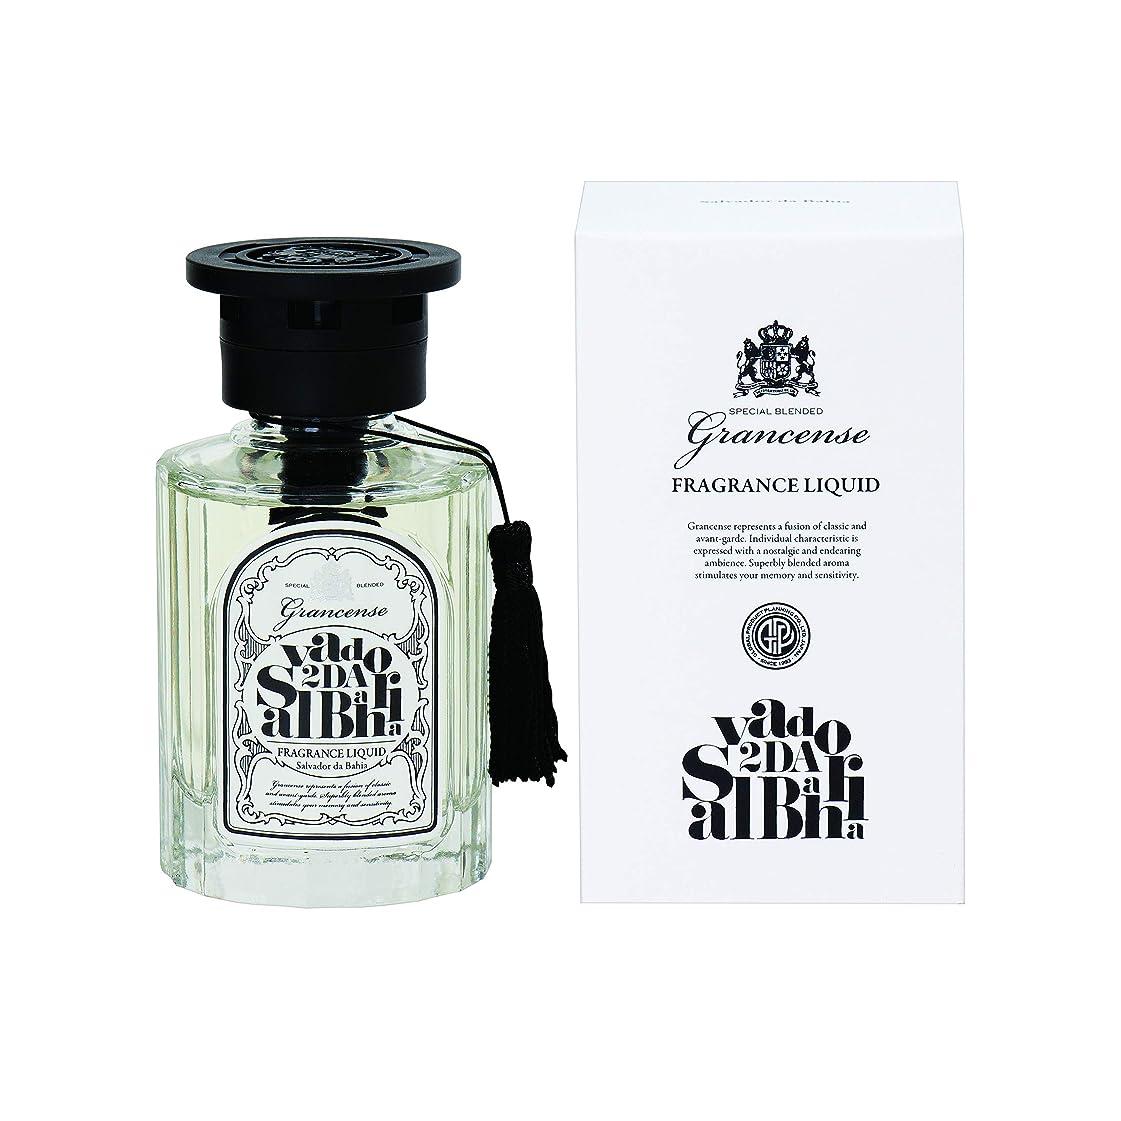 構造的可塑性一時的グランセンス フレグランスリキッド(約1~1.5ヶ月) サルバドール 120ml(室内用芳香剤 ルームフレグランス タッセル付 ライムとミントの爽やかさにバニラの甘さを感じる南国のような香り)